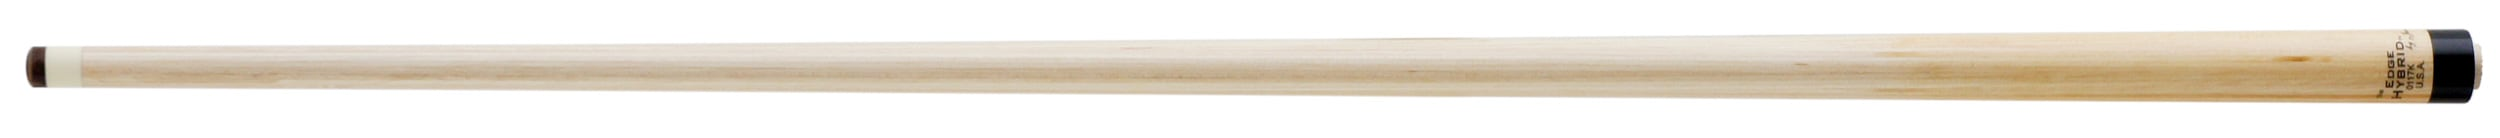 3c・キャロム シャフト jacoby edge hybrid shaft ラジアルパイロテッド 商品画像